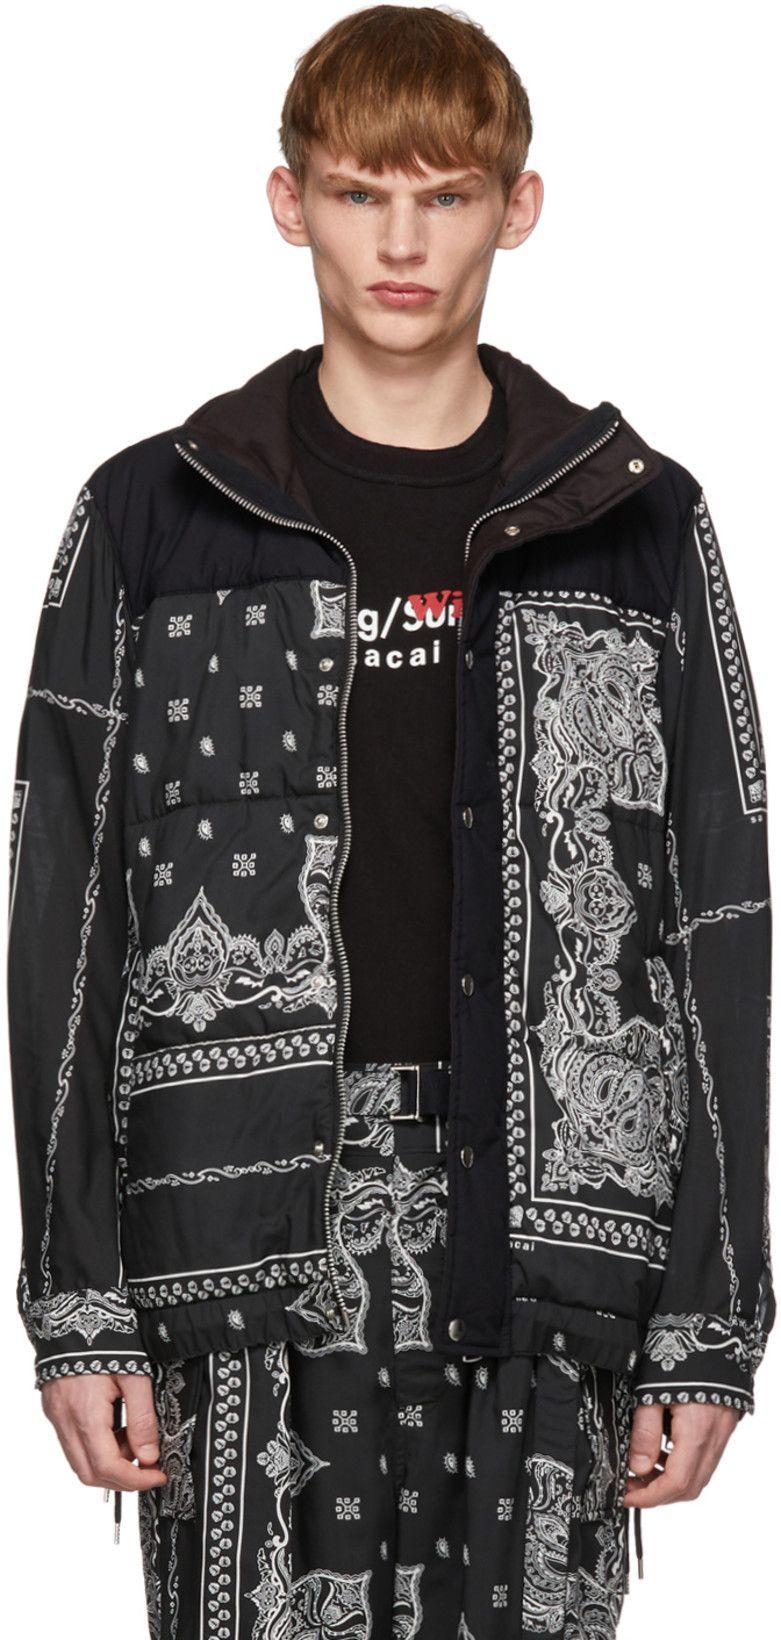 Sacai Black Bandana Print Jacket Print Jacket Bandana Print Clothes [ 1640 x 781 Pixel ]